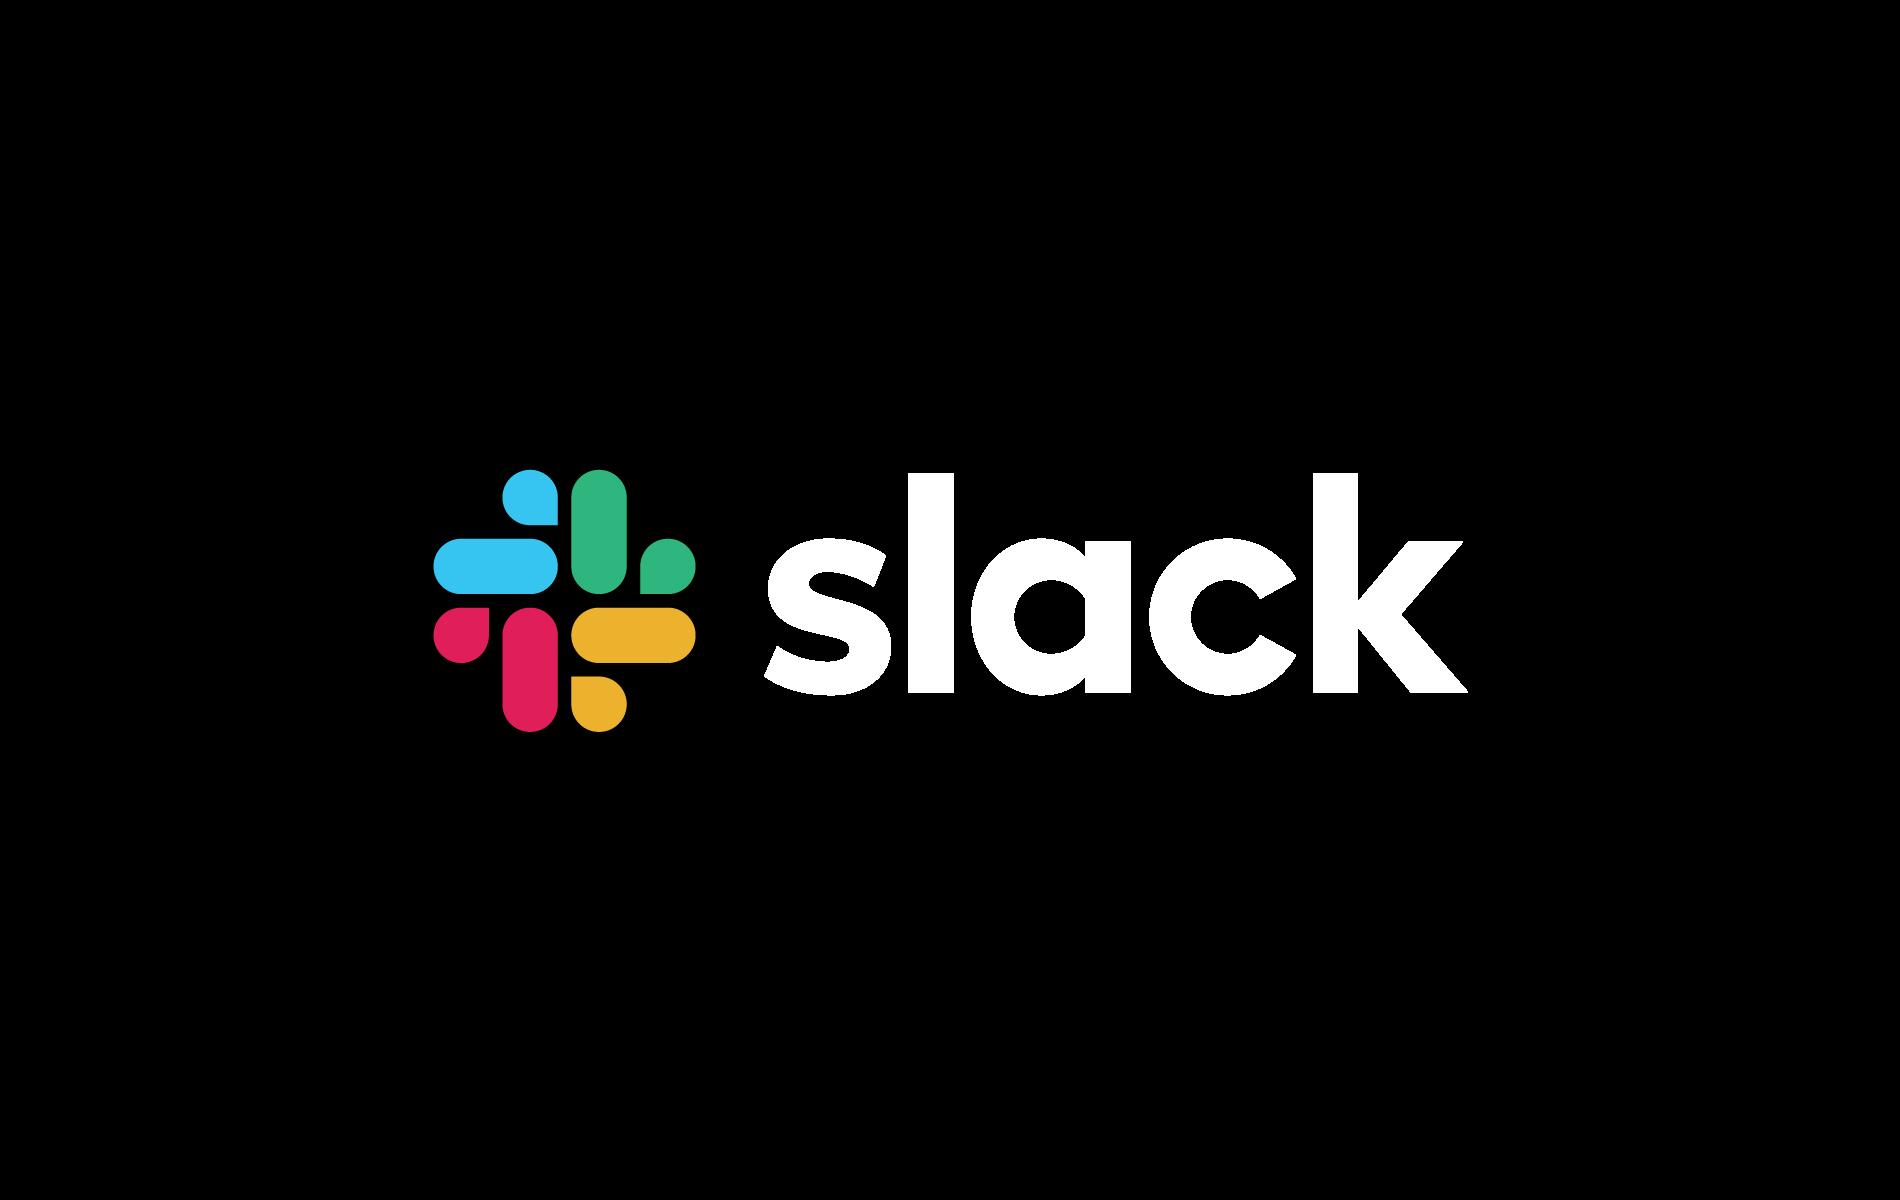 Další aplikace testuje tmavý vzhled, tentokrát Slack [aktualizováno]